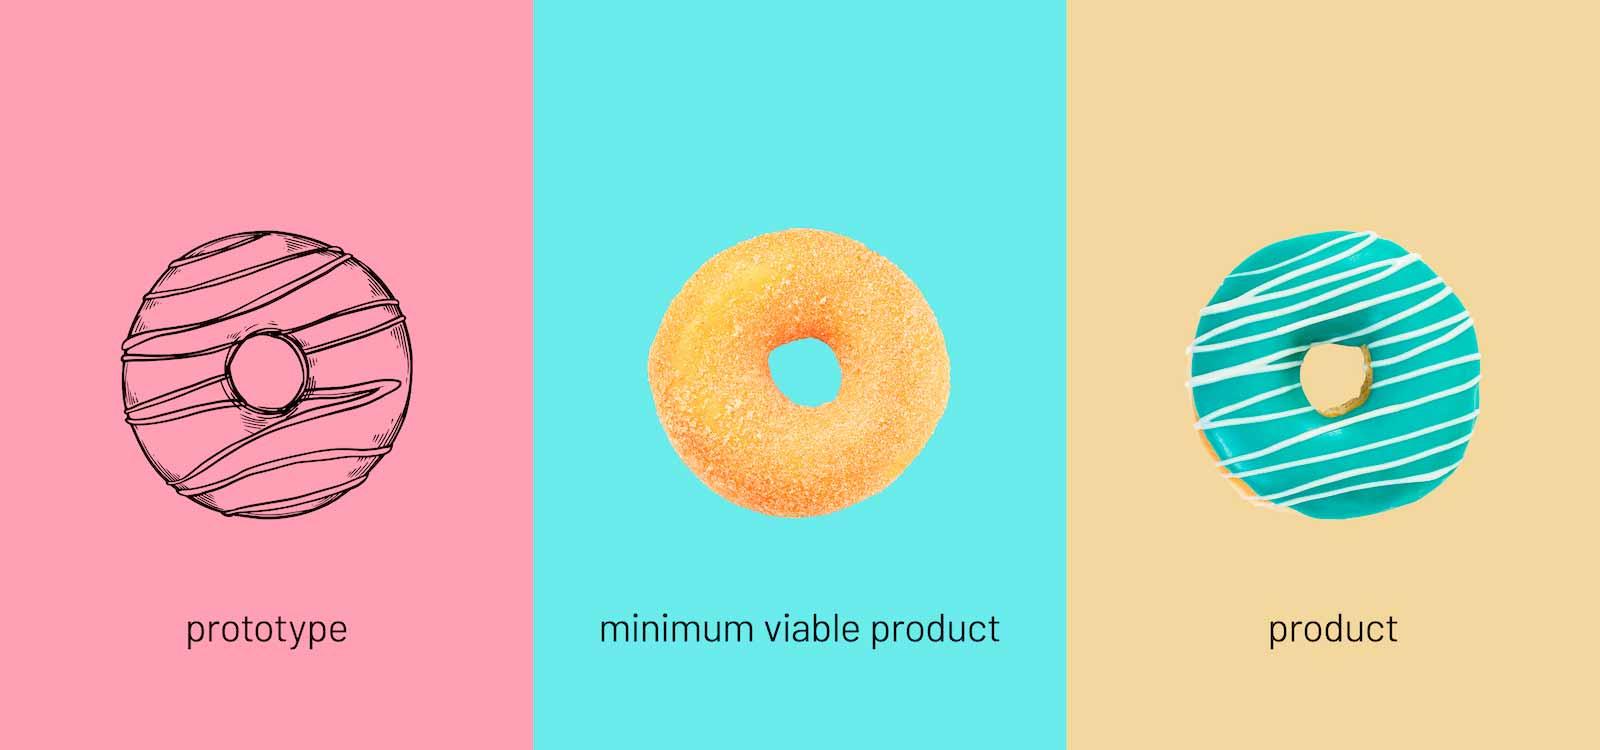 Minimum Viable Product